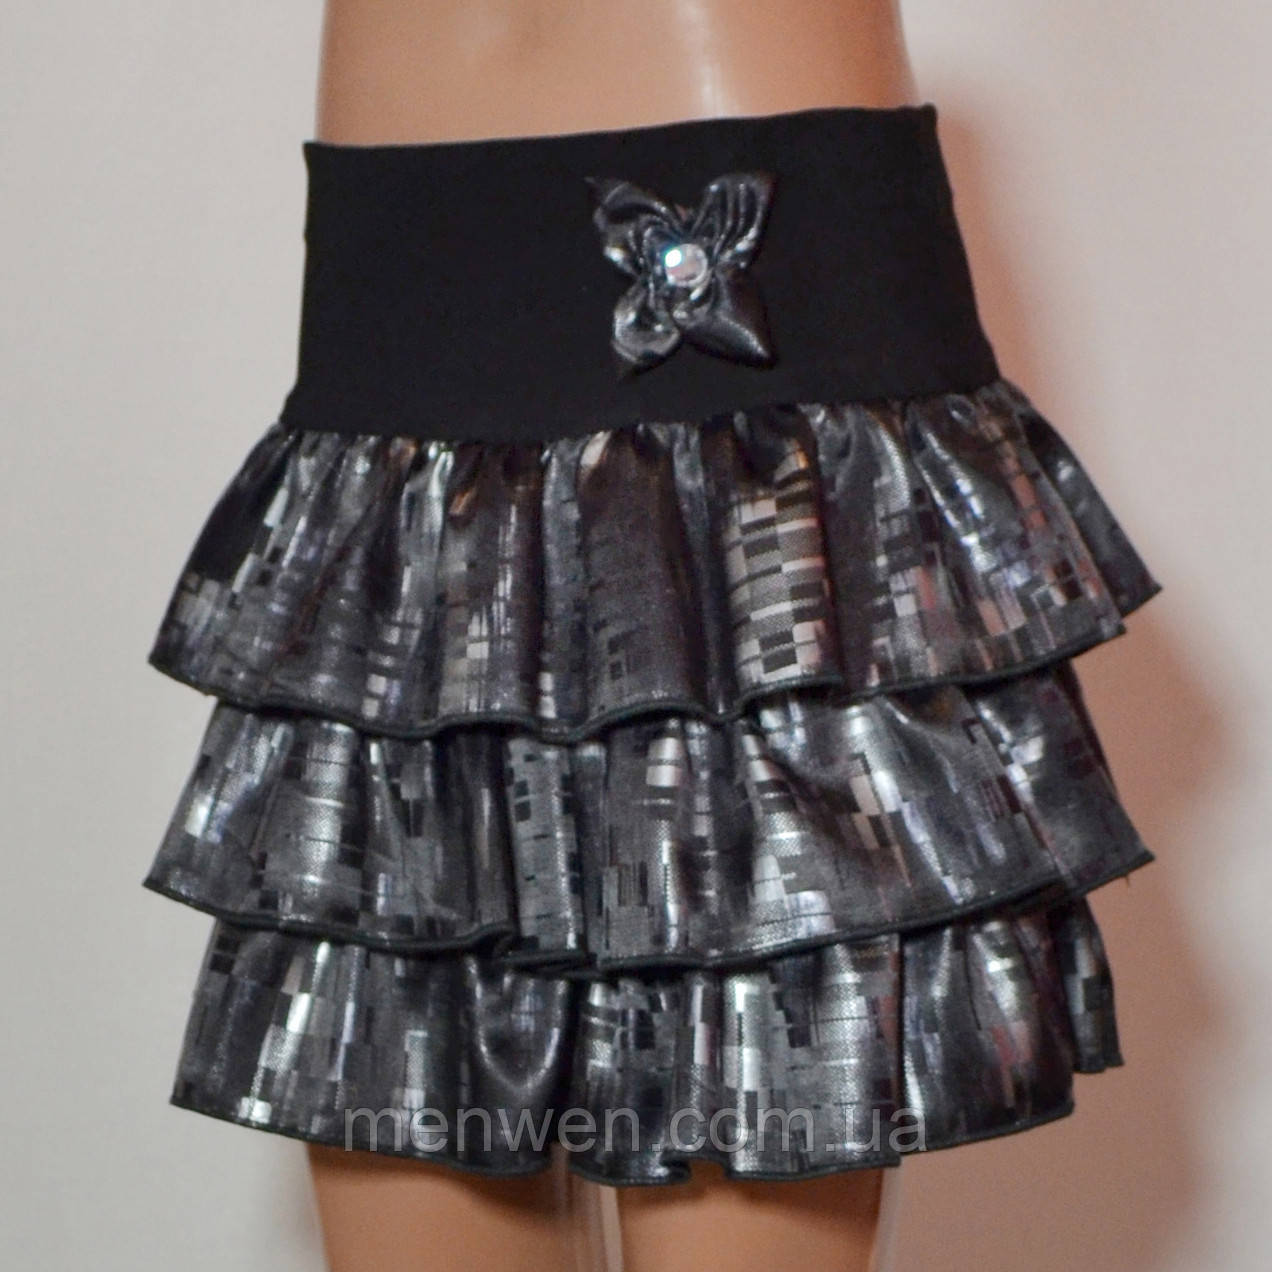 d706187cf3f Школьная юбка для девочки - MenWen - Одежда для детей и всей семьи в  Харькове